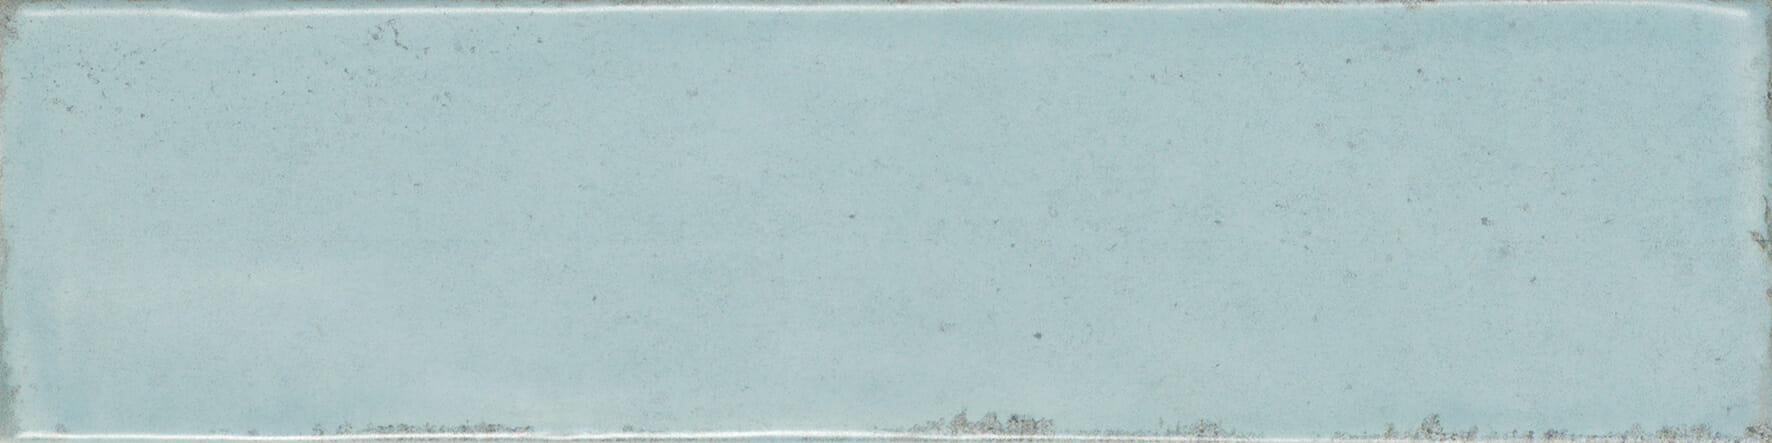 calpe-sky-blue-kitchen-bathroom-shower-wall-brick-matt-gloss